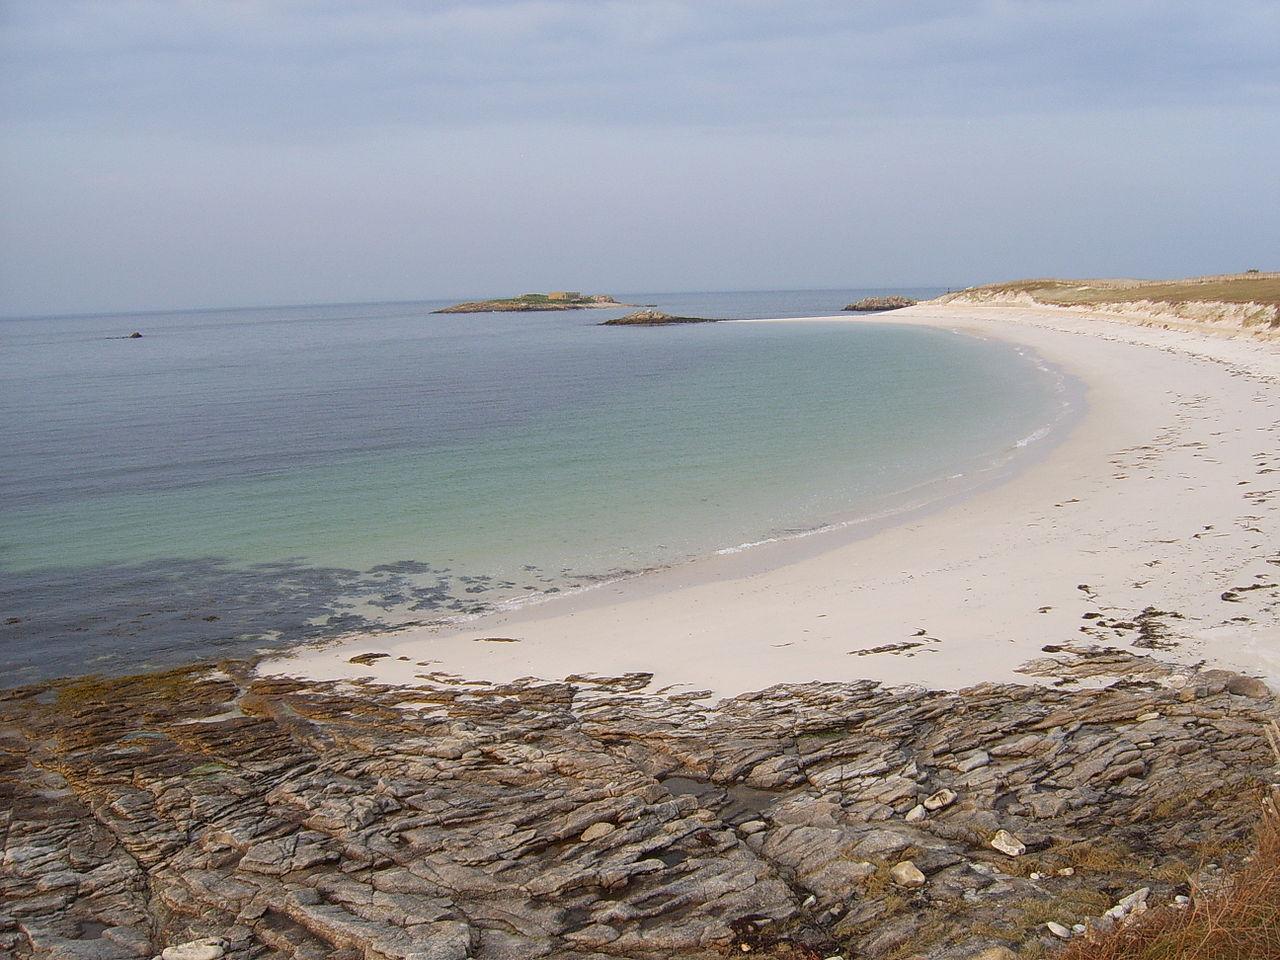 Plage de l'île Saint-Nicolas